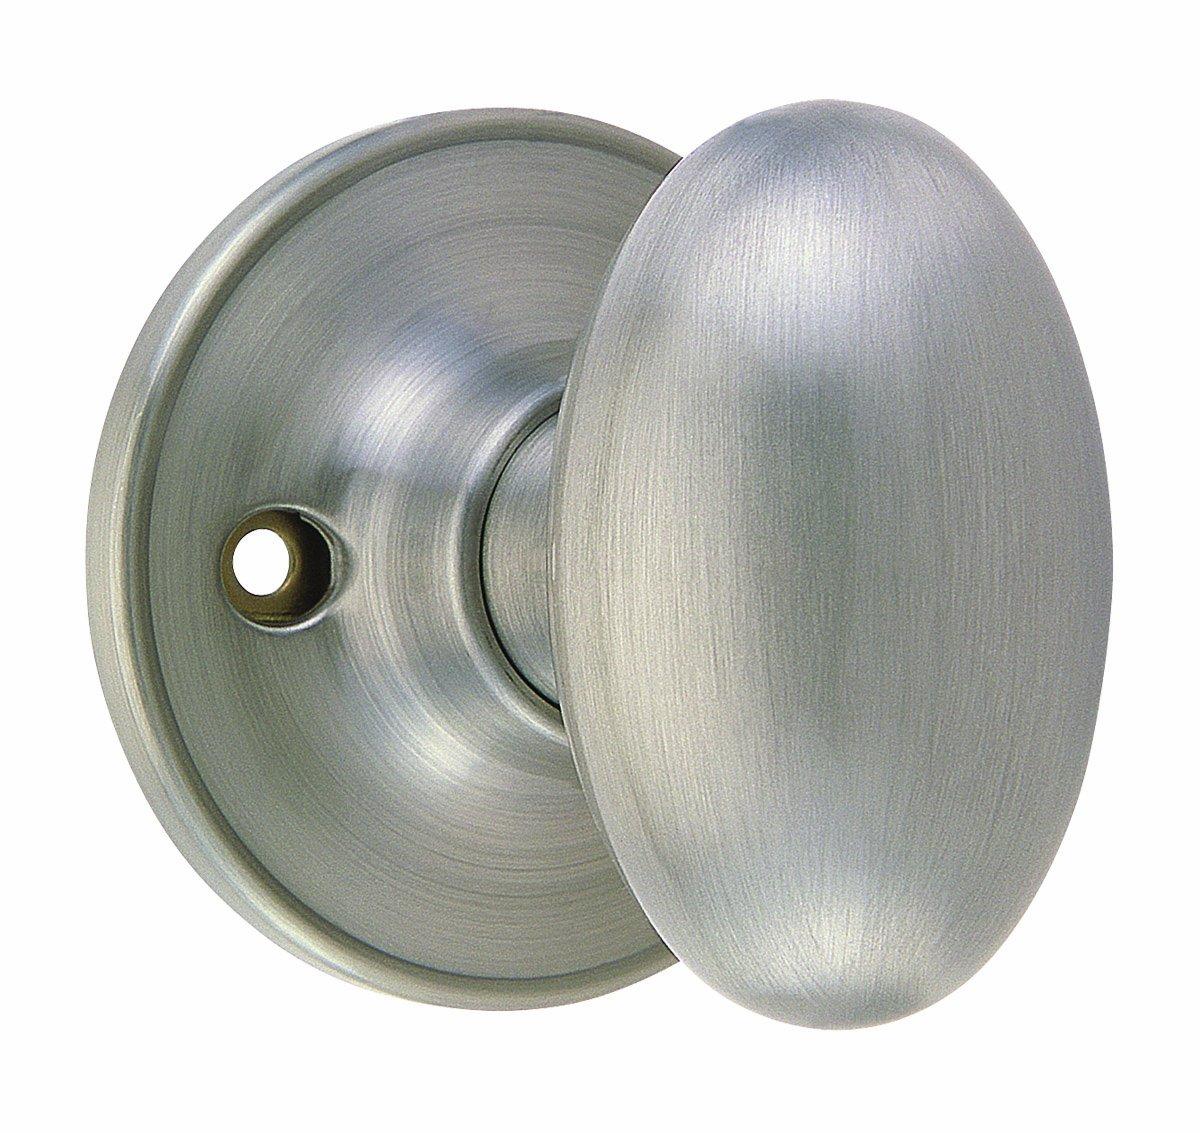 design house egg dummy door knob 2way latch oil rubbed bronze finish doorknobs amazoncom - Closet Door Knobs